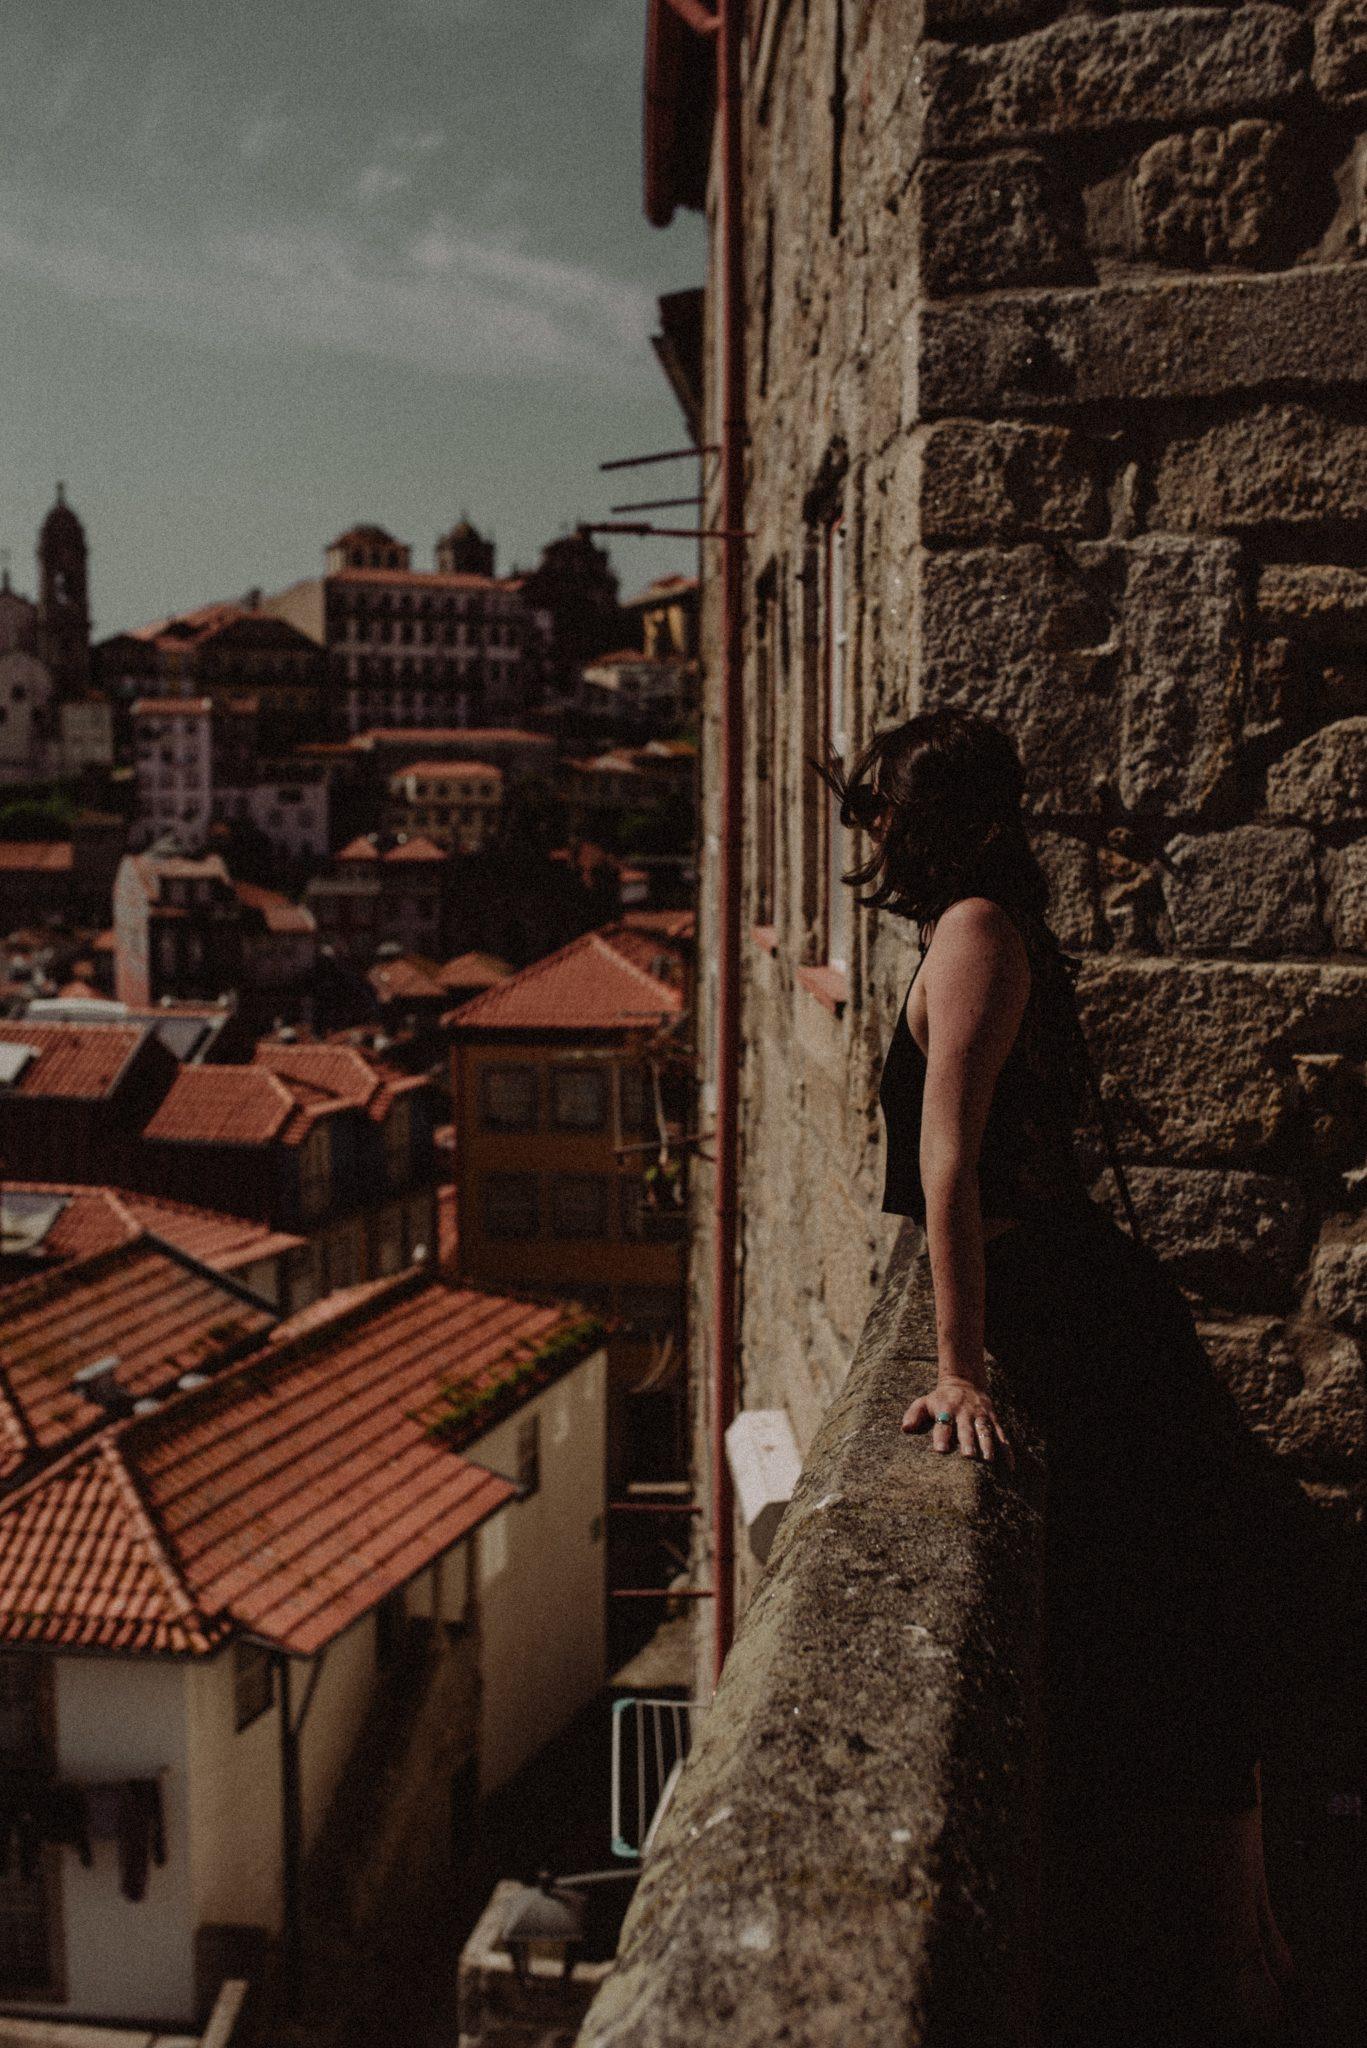 Rapariga em varanda de monumento